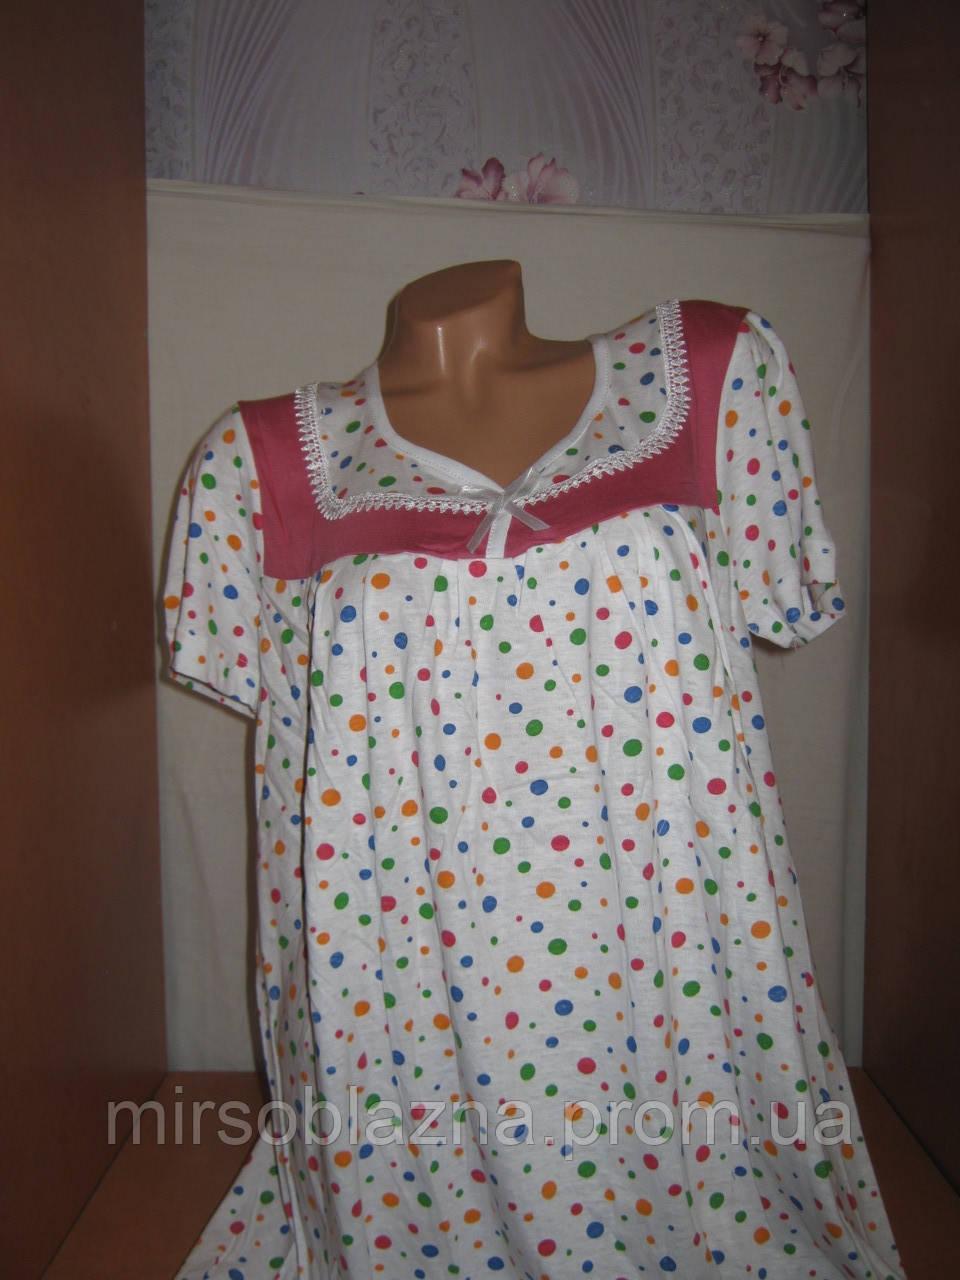 78a969f8042f5f7 Ночная рубашка 100% хлопок пр-во Узбекистан белая в горошек, размер L (